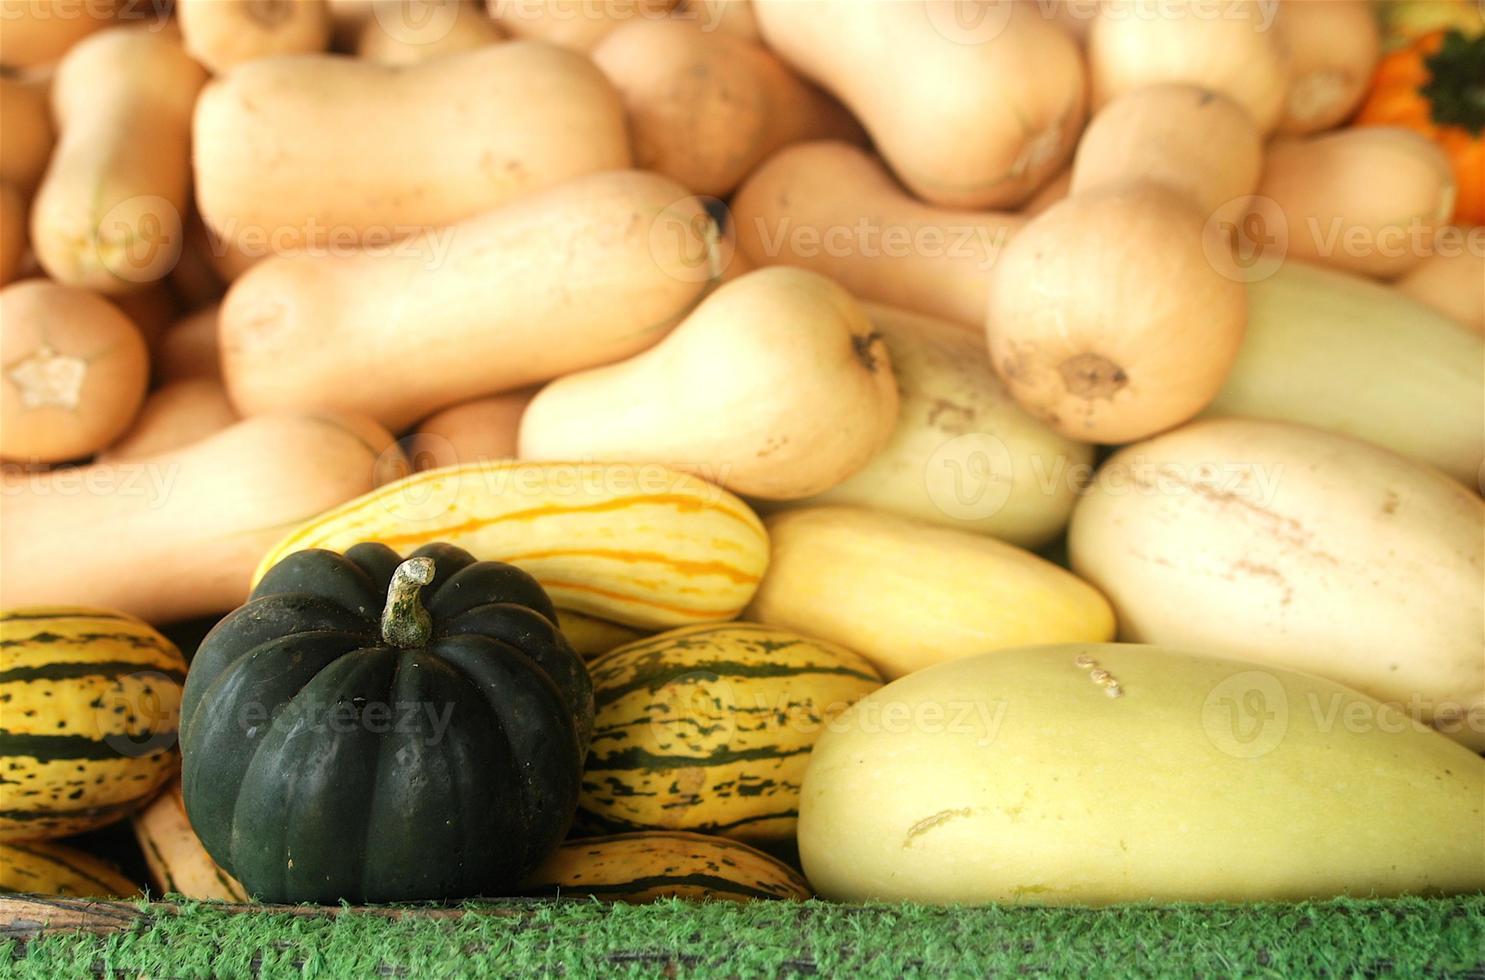 olika squash och kalebasser på en gård foto